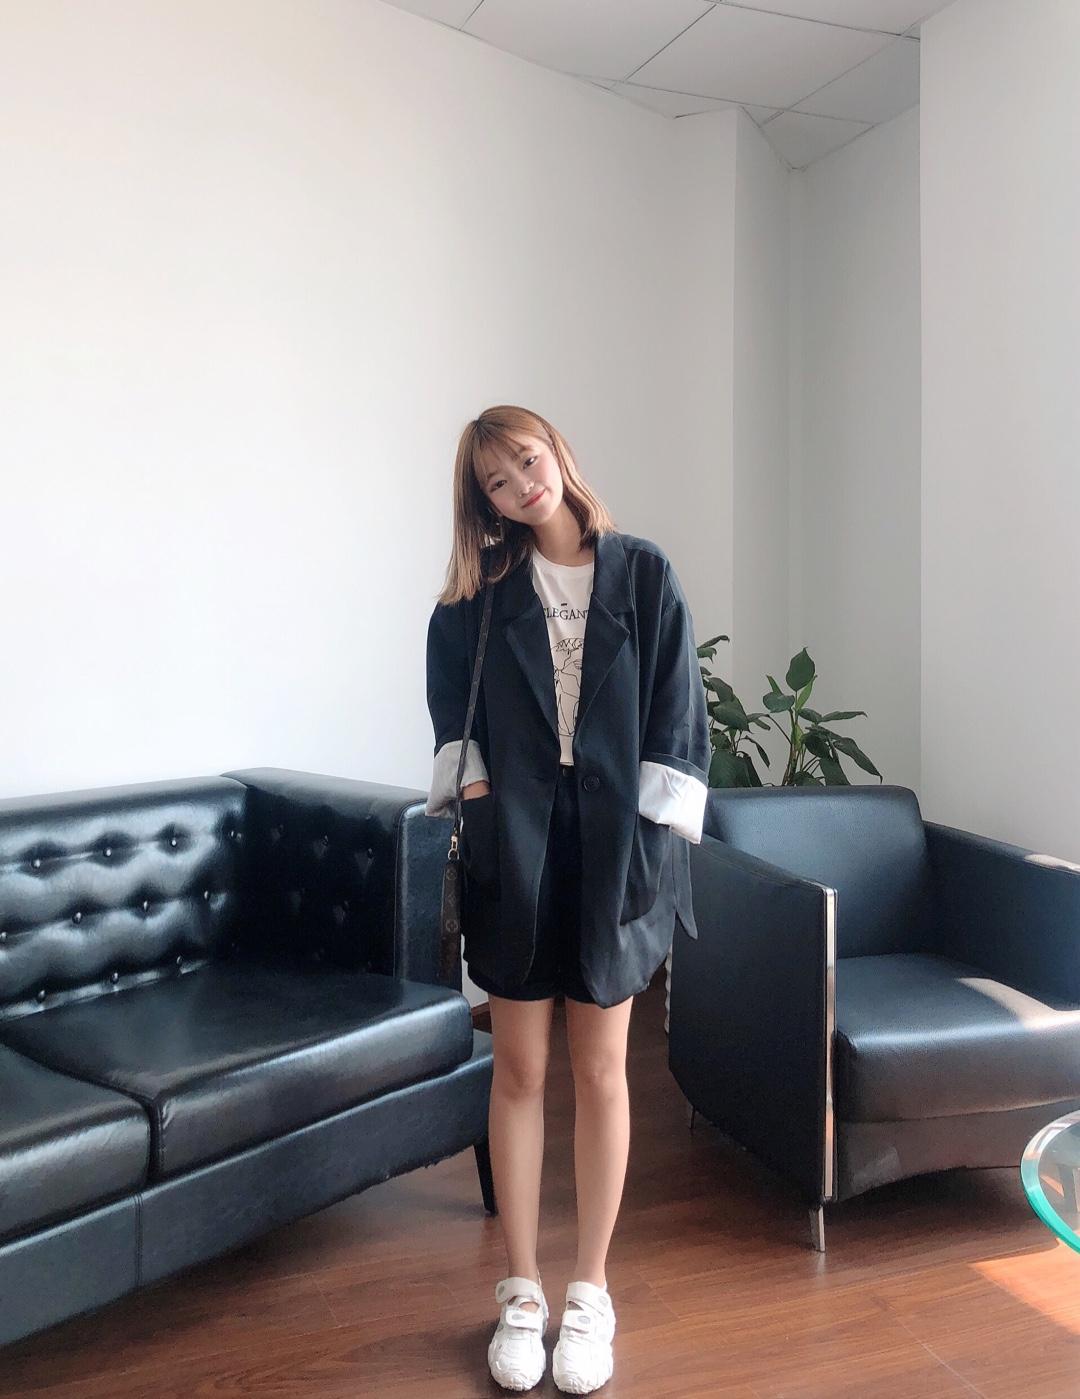 #入秋最靓!韩系小姐姐风#  有点小成熟的一套哦 学生妹必备的休闲职场穿搭! 搭配运动鞋蛮韩范的哦~ 小个子必备的一套 敲显腿长 !